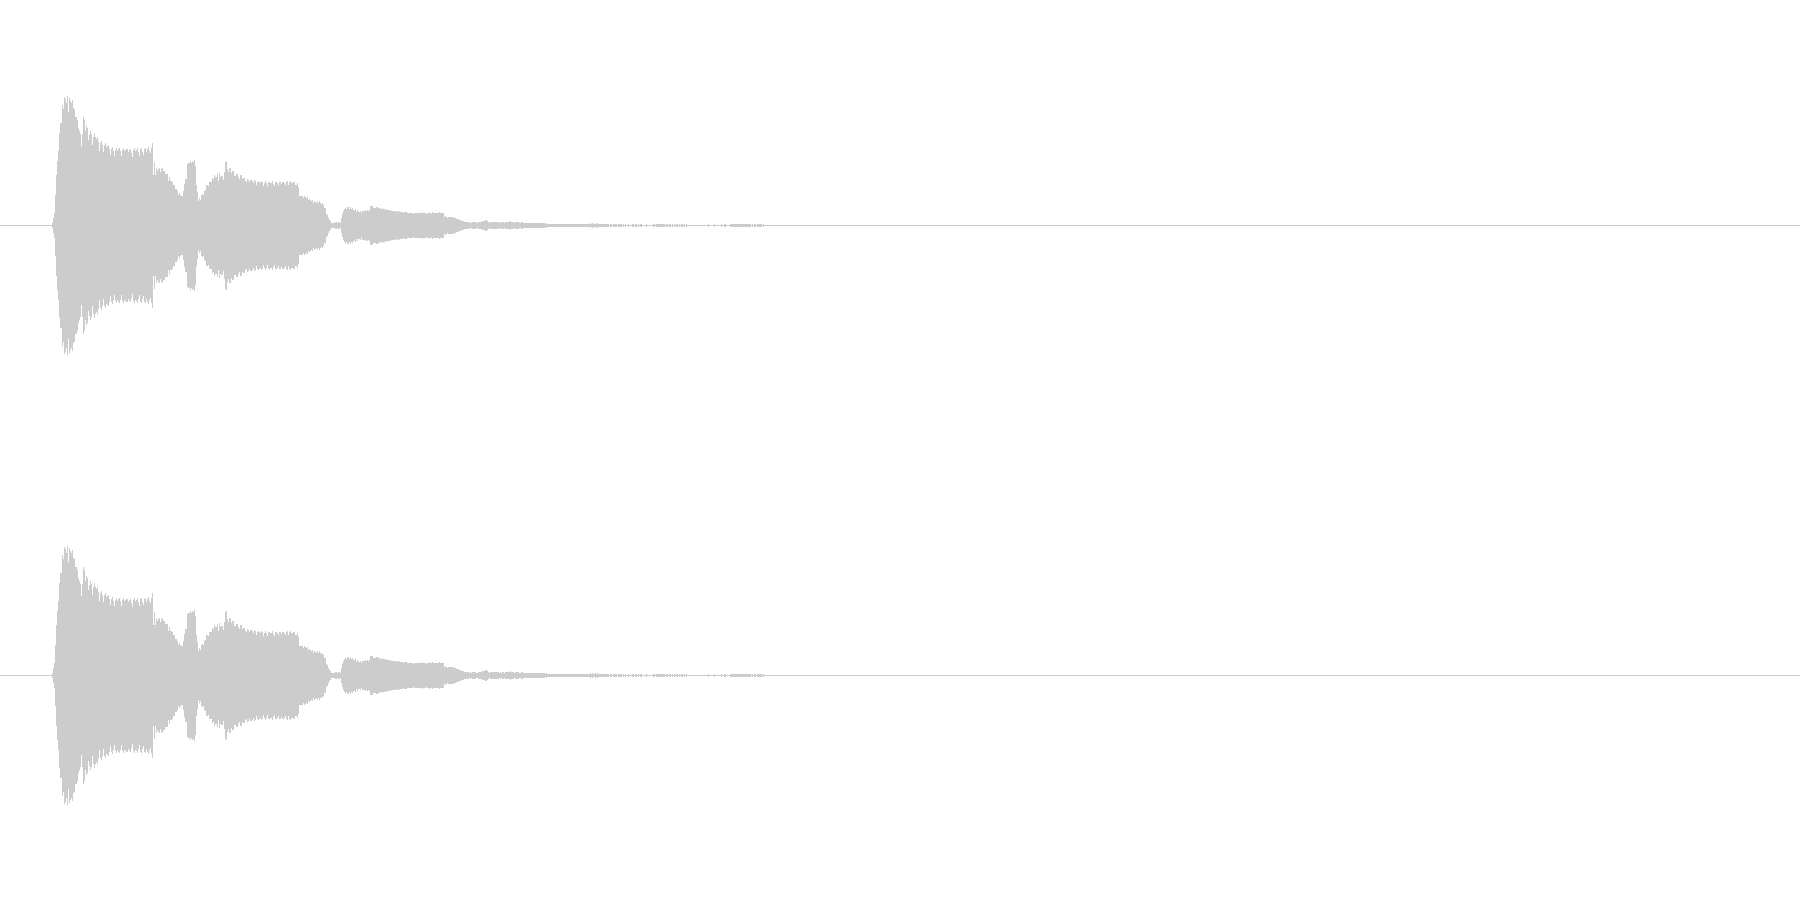 レトロな機械音の未再生の波形